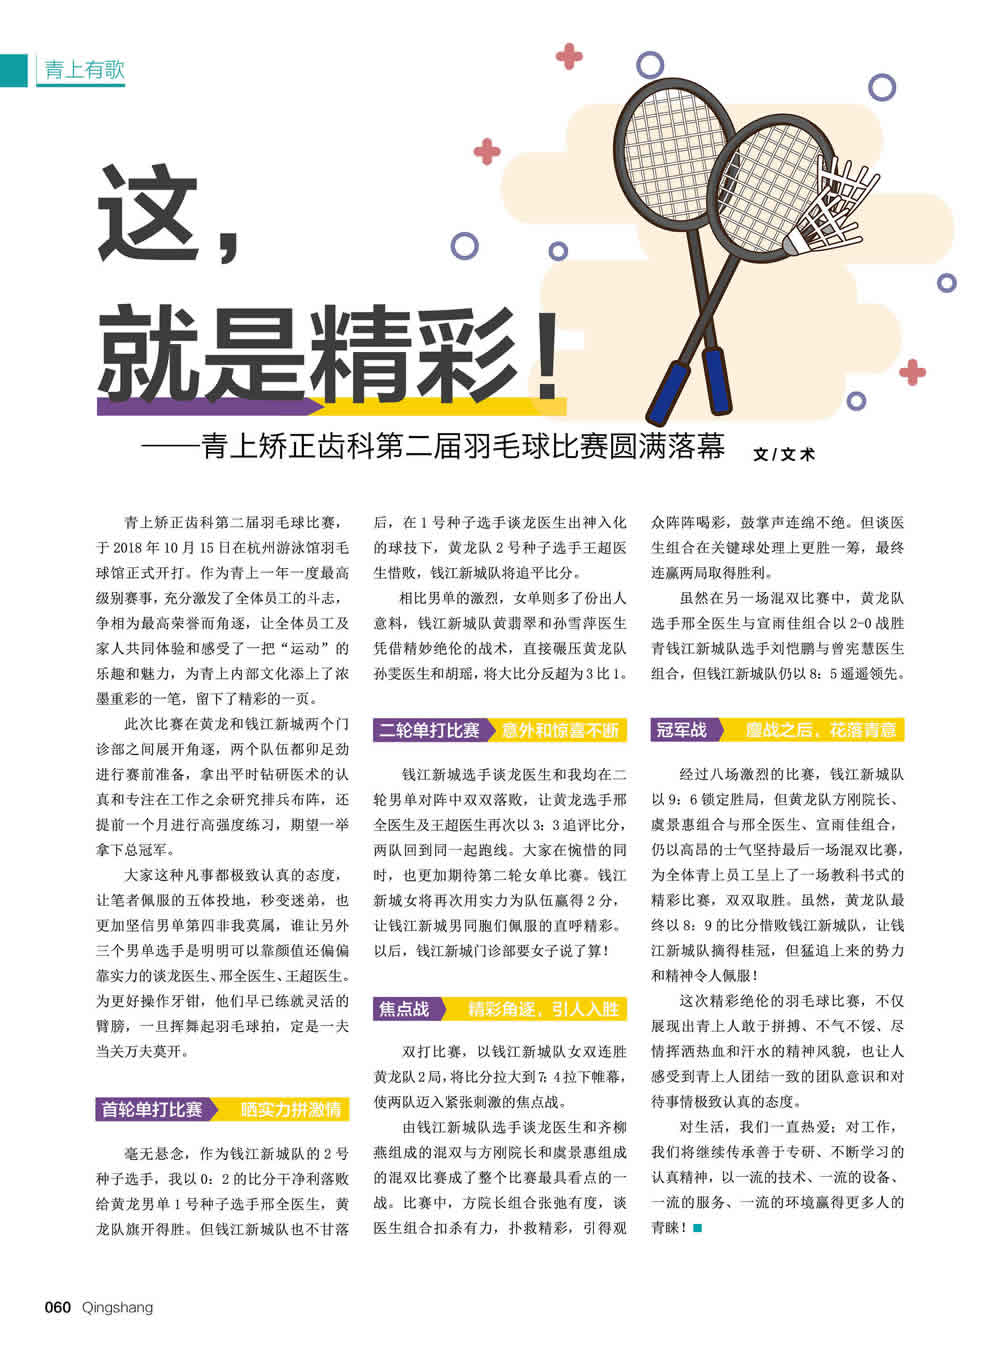 《青上志》首刊